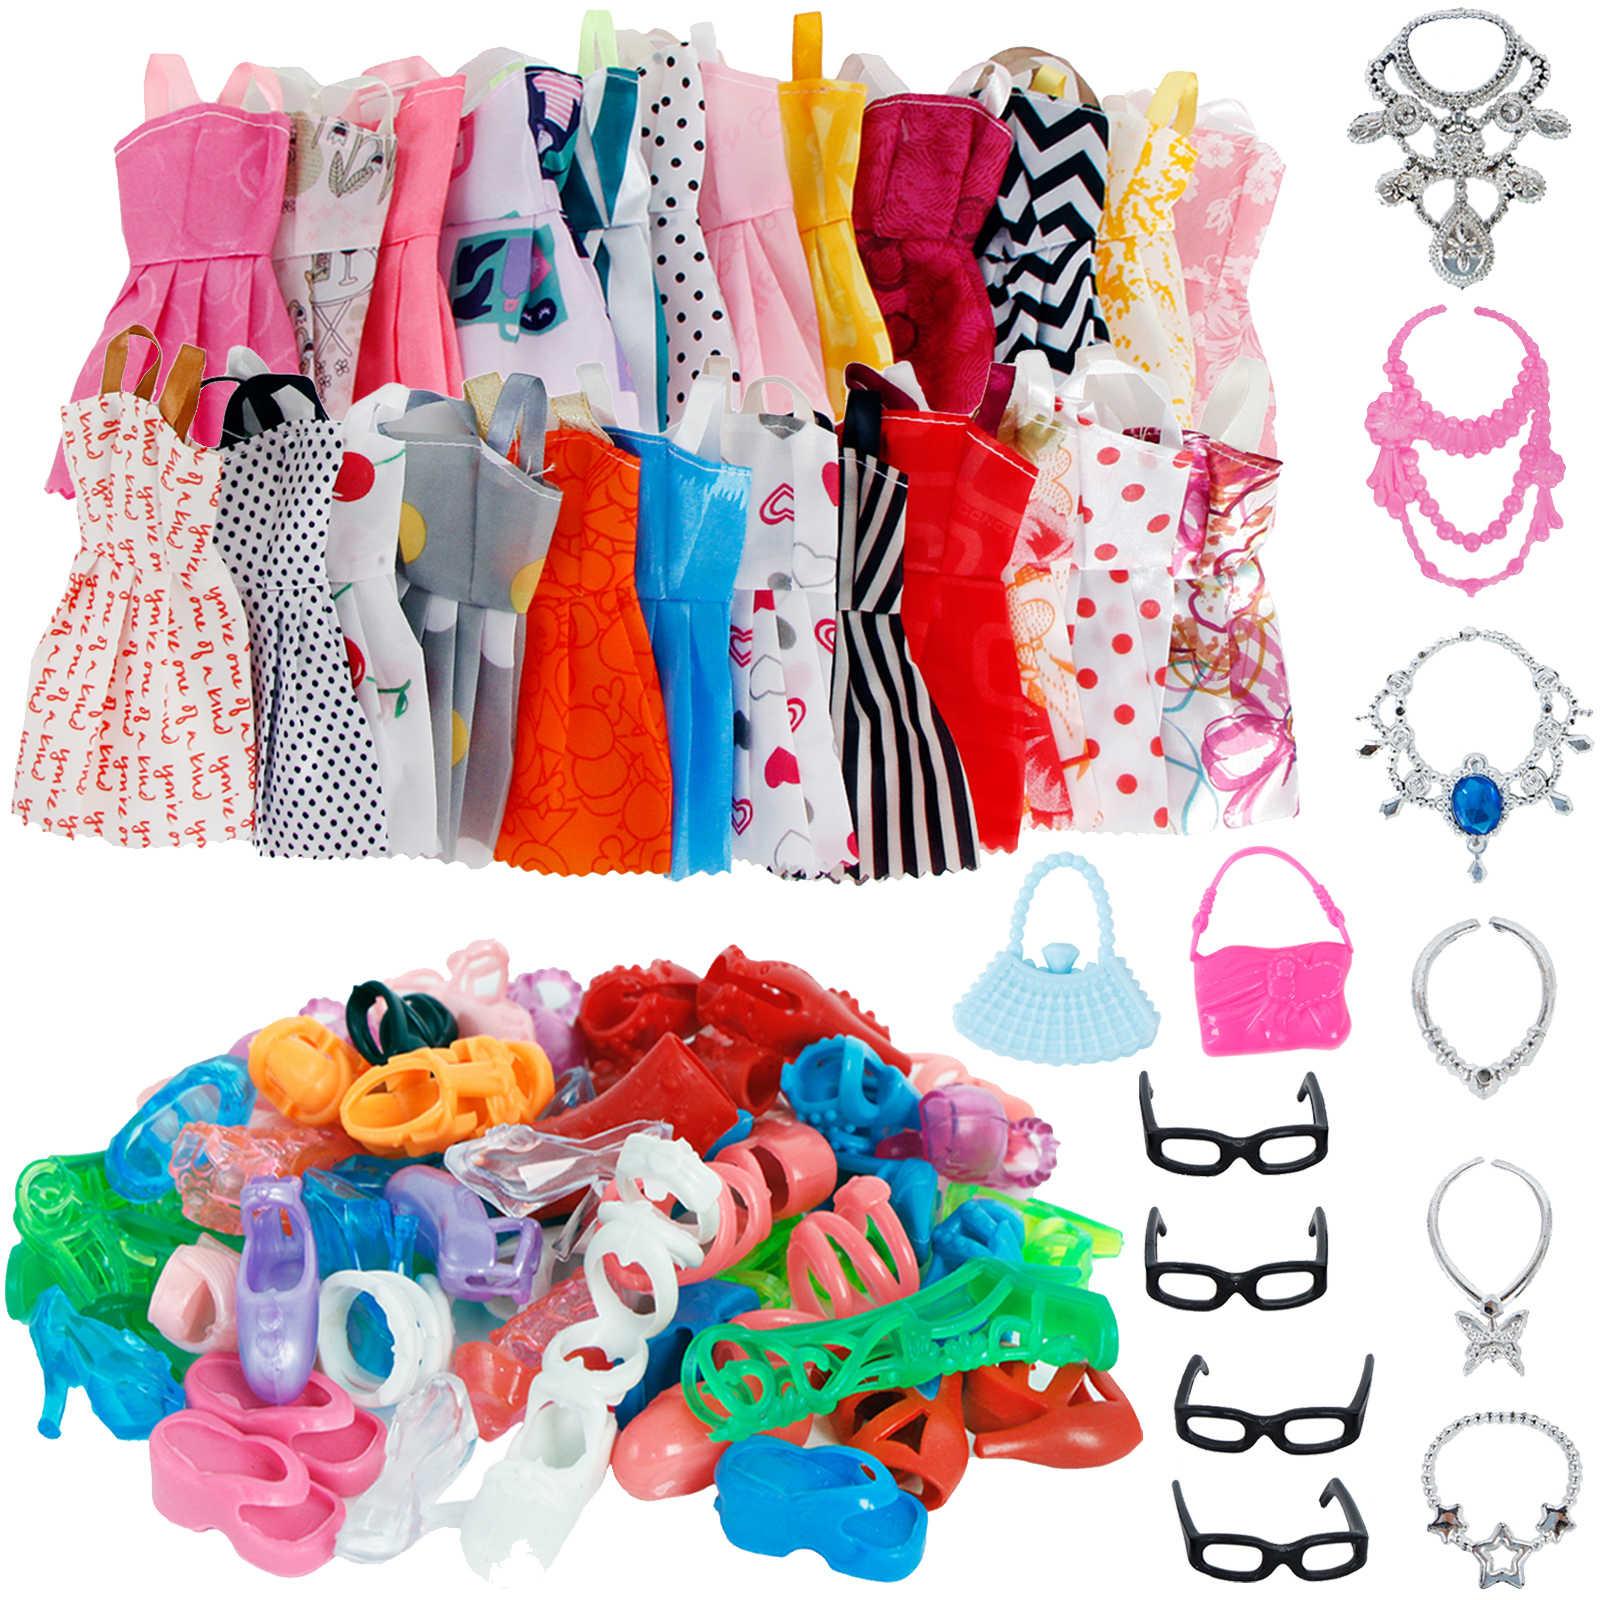 32 предмета/комплект кукольных аксессуаров = 10 смешанных модных милых платьев + 4 стекла + 6 колье + 2 сумочки + 10 туфель, модельная Одежда для куклы Барби